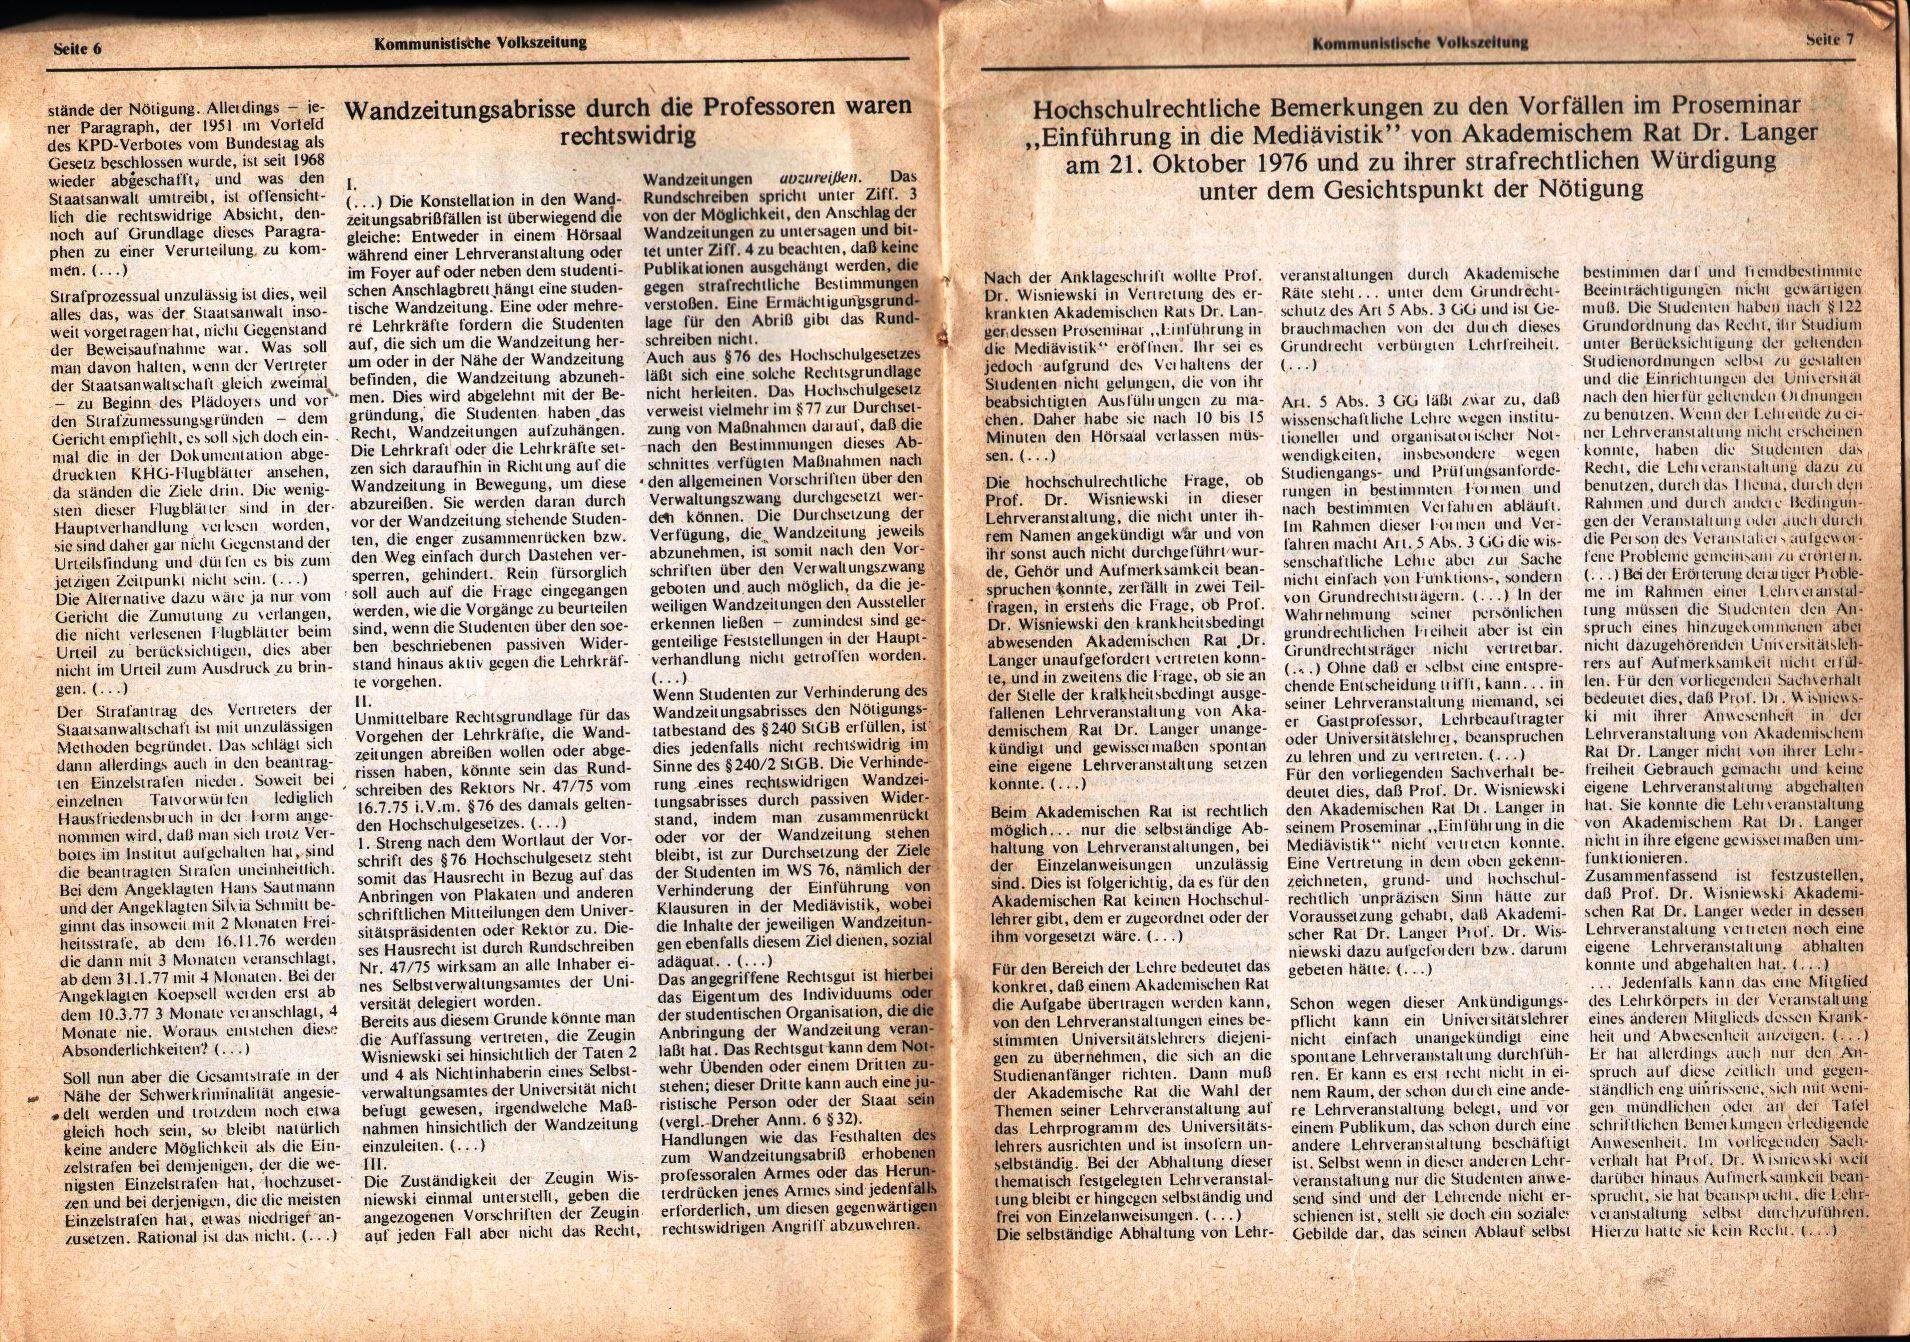 Heidelberg_KHG_1980_Germanistenprozess004